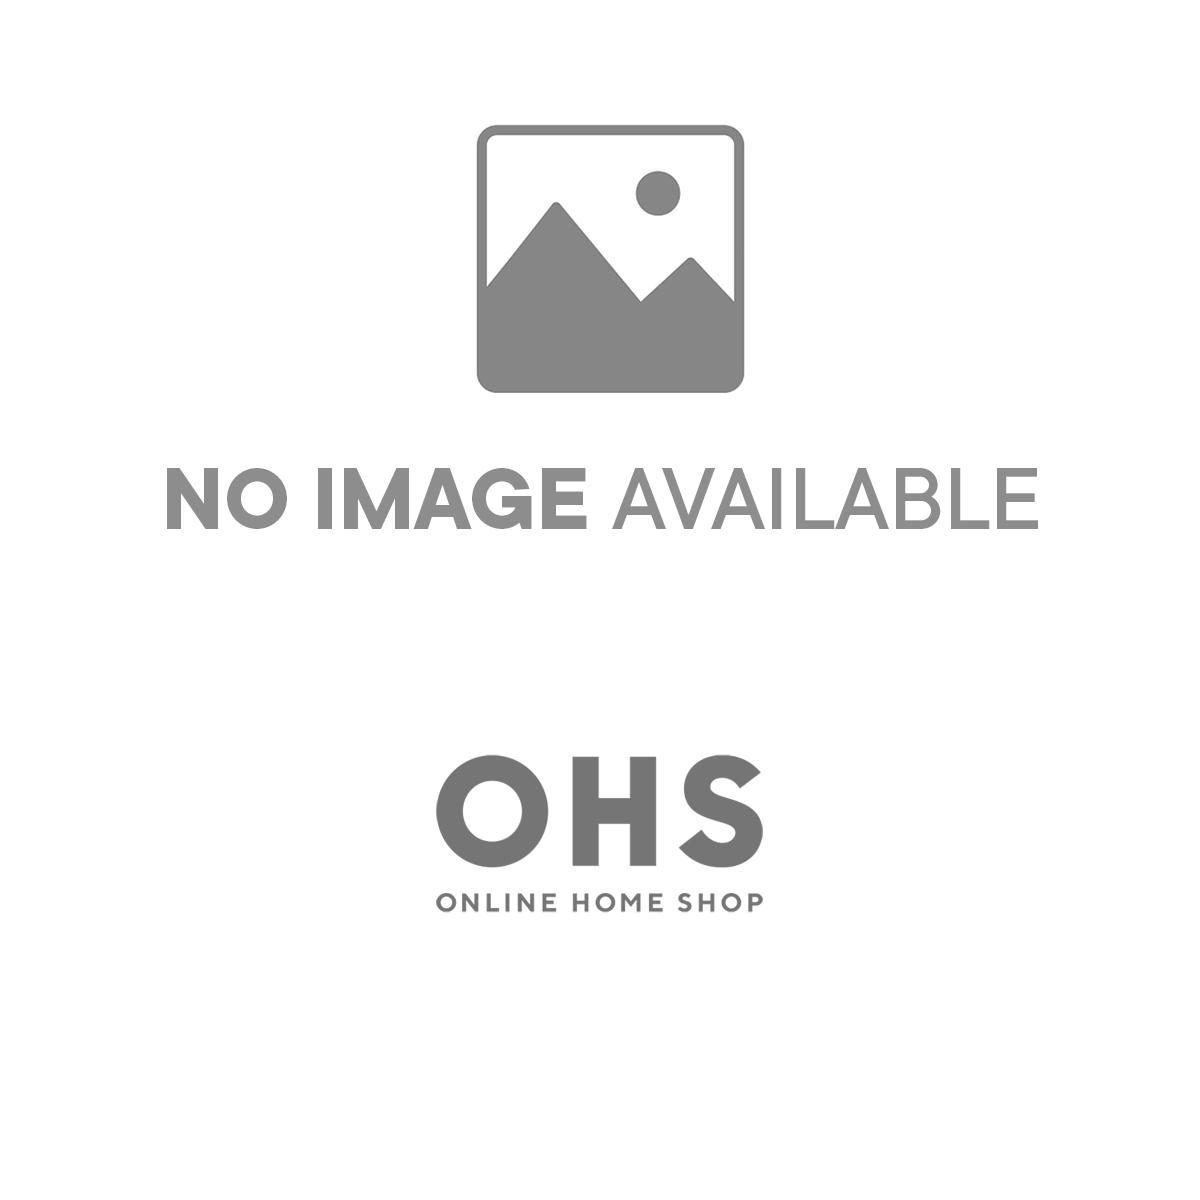 Brentfords Washed Linen Duvet Cover Set - Navy